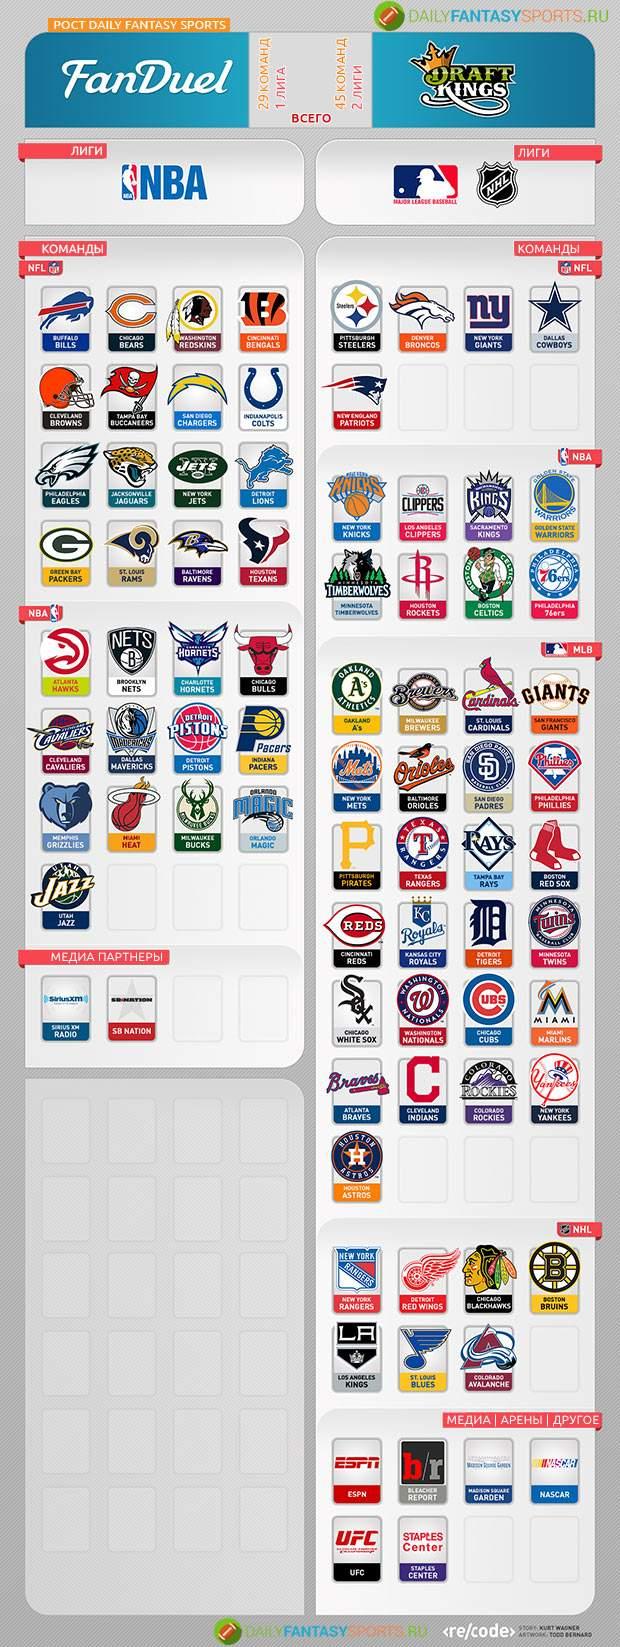 infografika-draftkings-fanduel-fentezi-sport-dfs-industriya